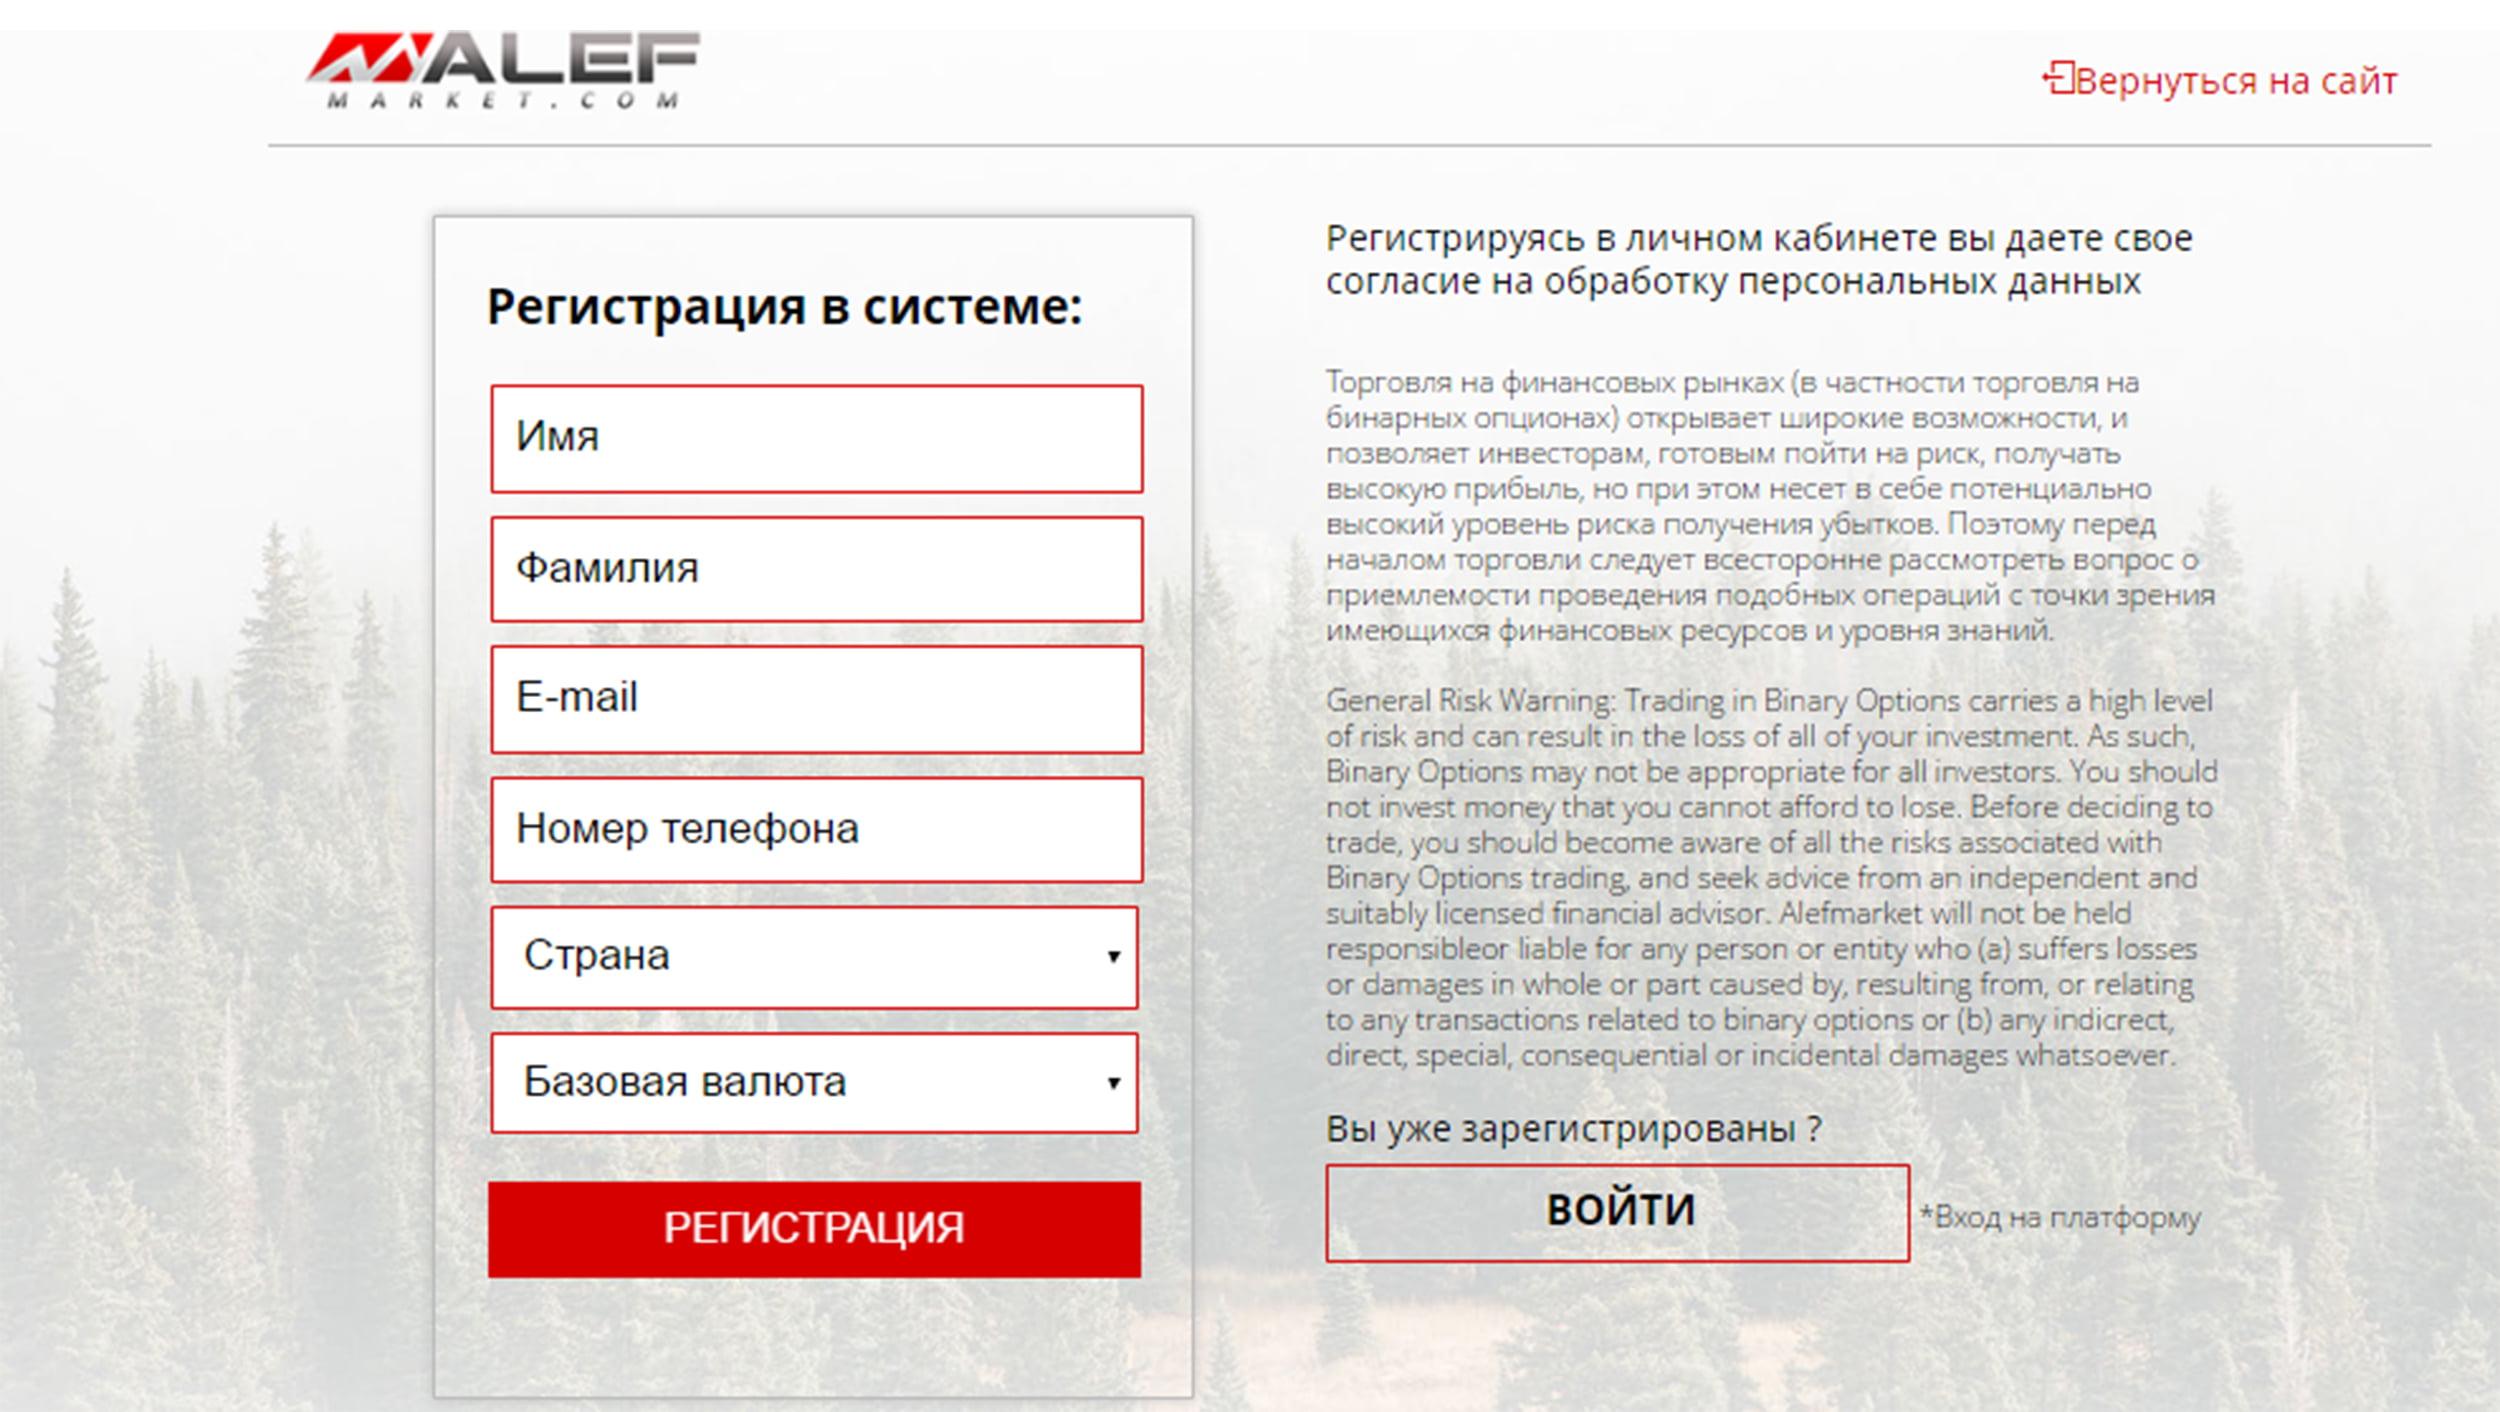 Alefmarket международный брокер бинарных опционов отзывы договор о торговле на форекс